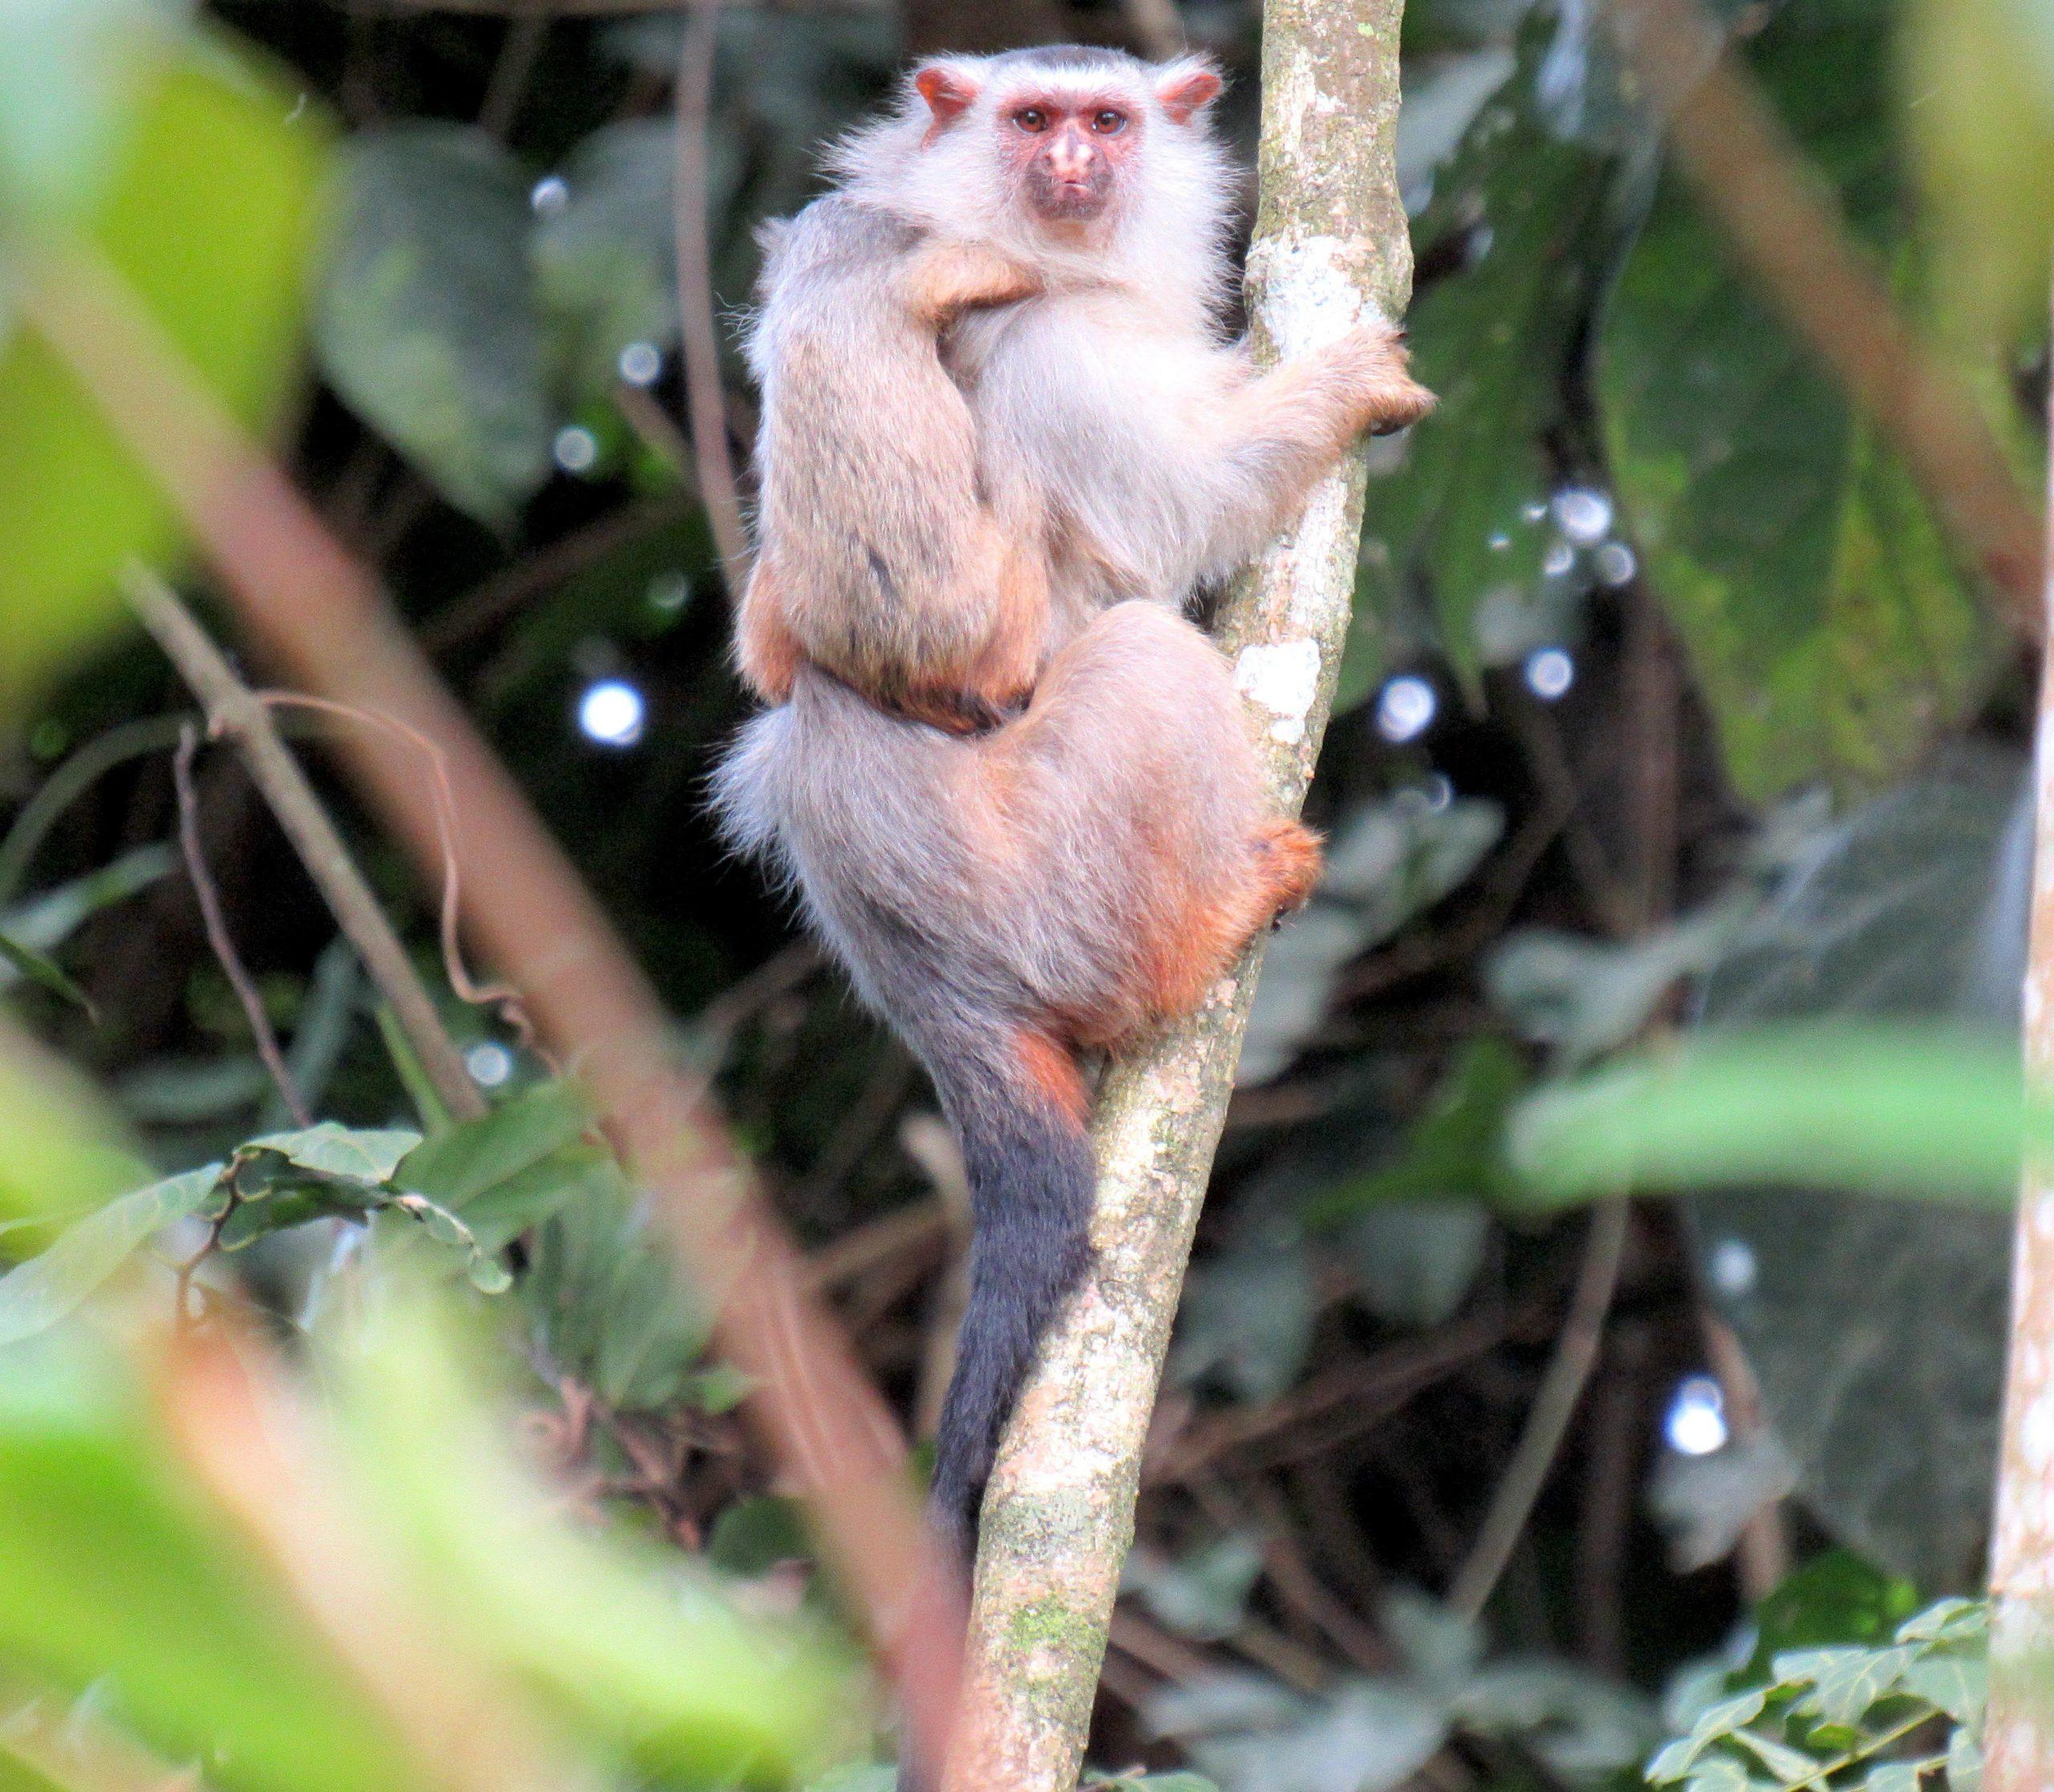 Primata da nova espécie na Floresta Amazônica, em Mato Grosso: características na pelagem e na localização diferem sagui de outros micos (Foto: Rodrigo Costa Araújo)